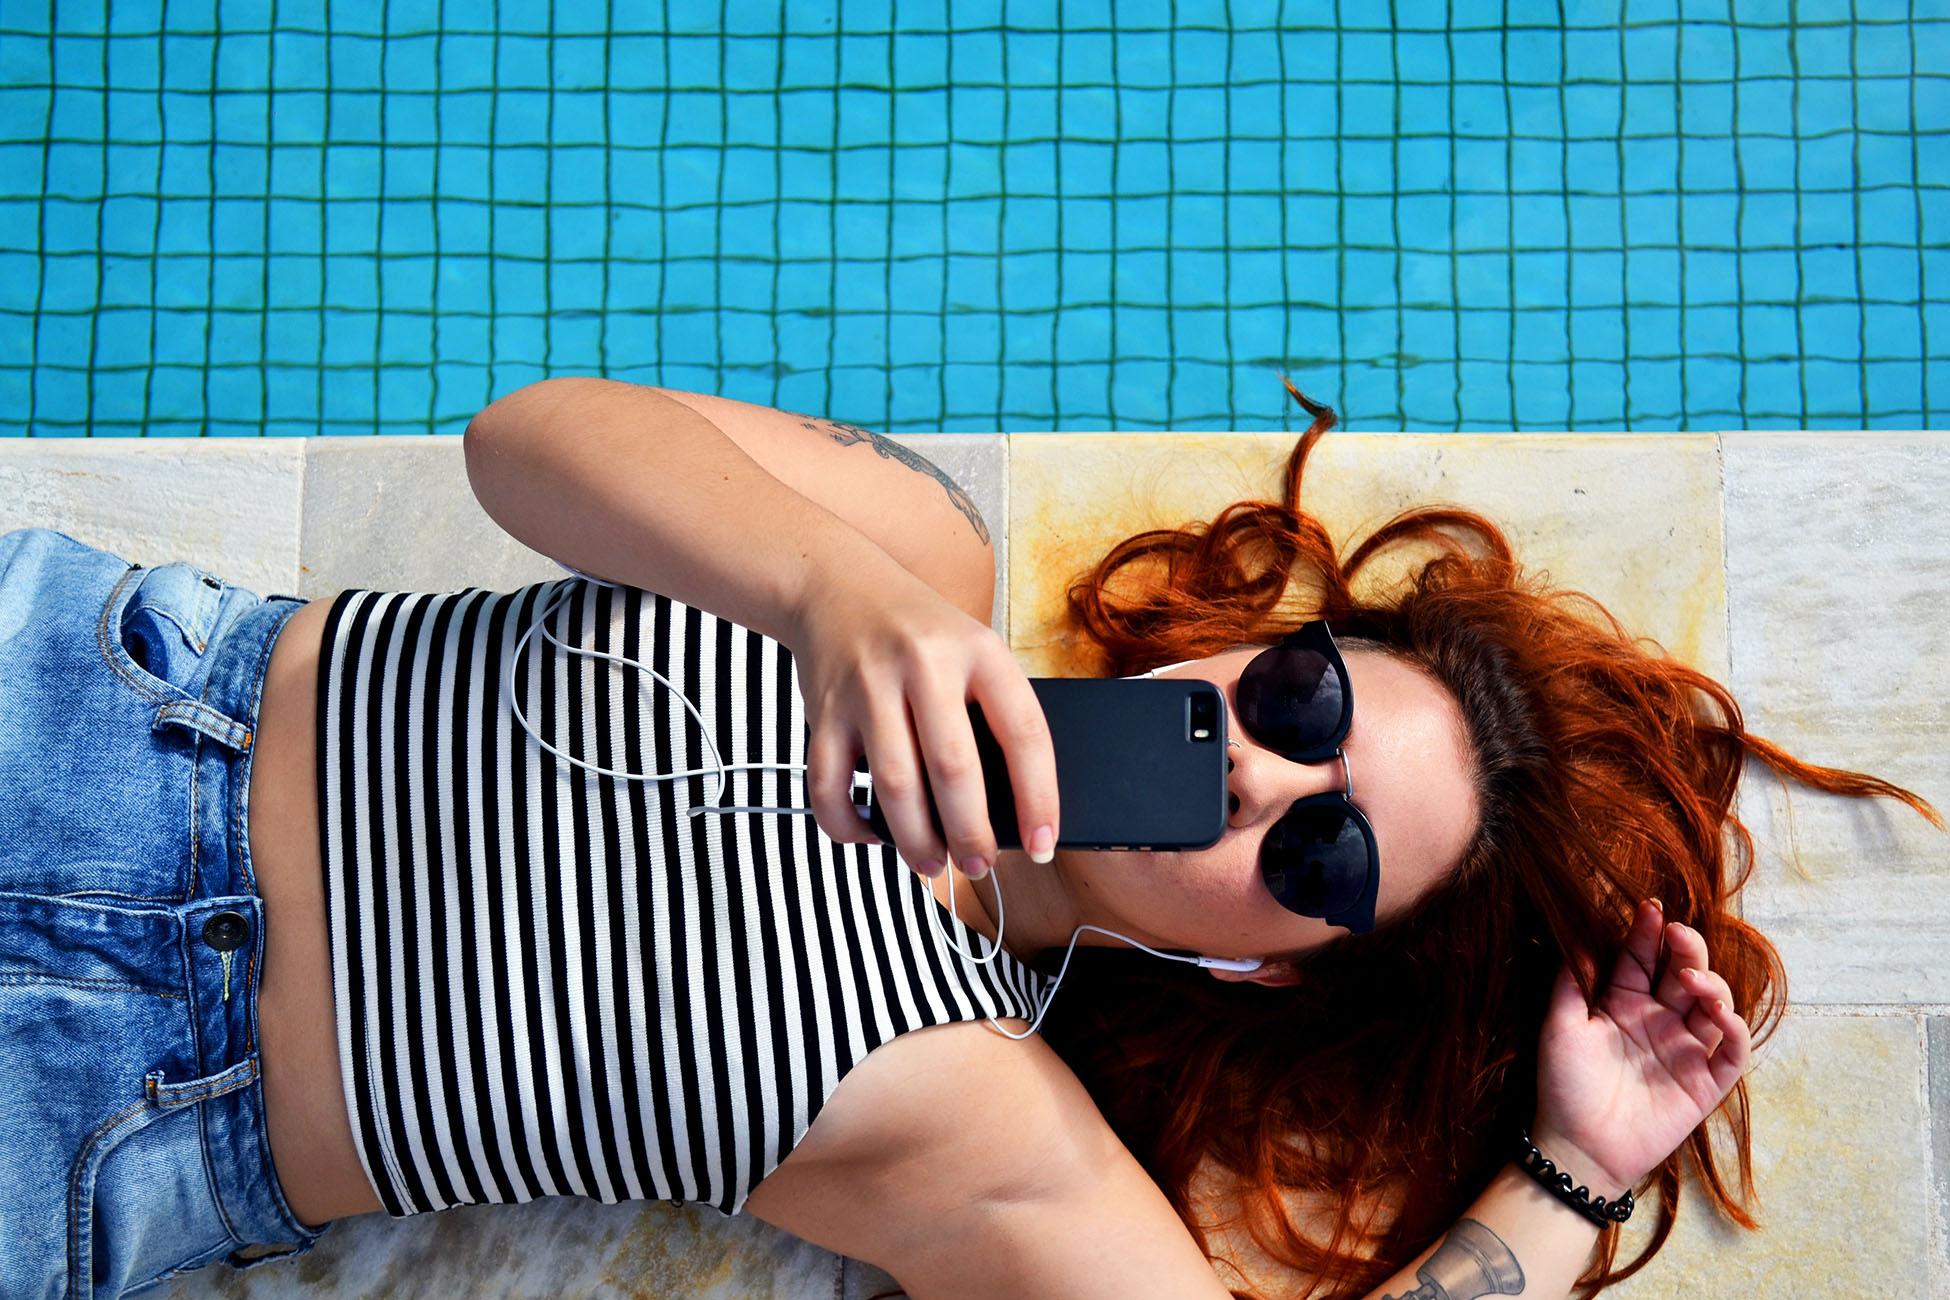 Nainen rentoutuu uima-altaan äärellä kännykkä kädessään.